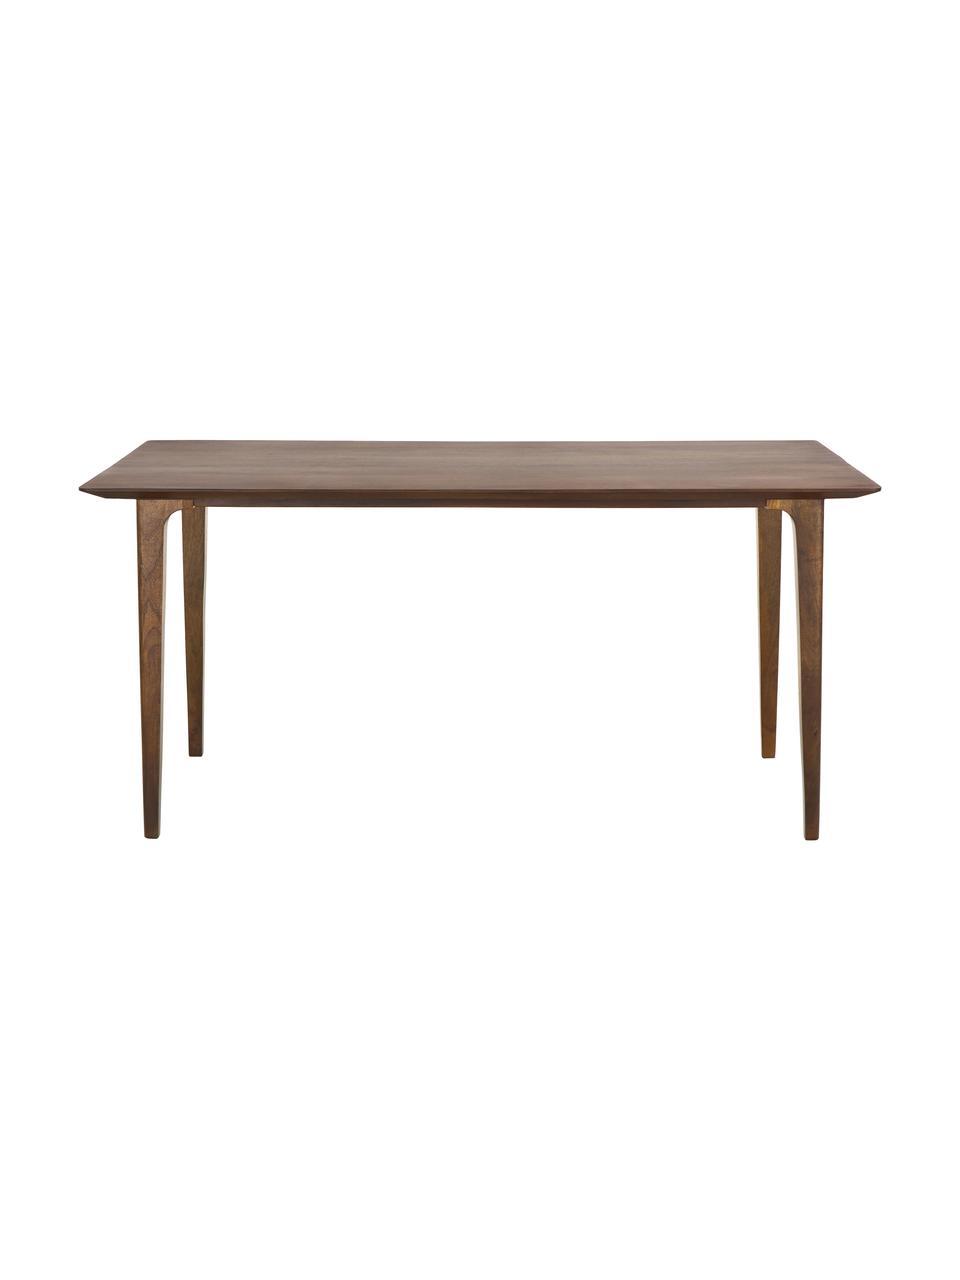 Table vintage en bois massif Archie, 160 x 90 cm, Bois de manguier, laqué foncé